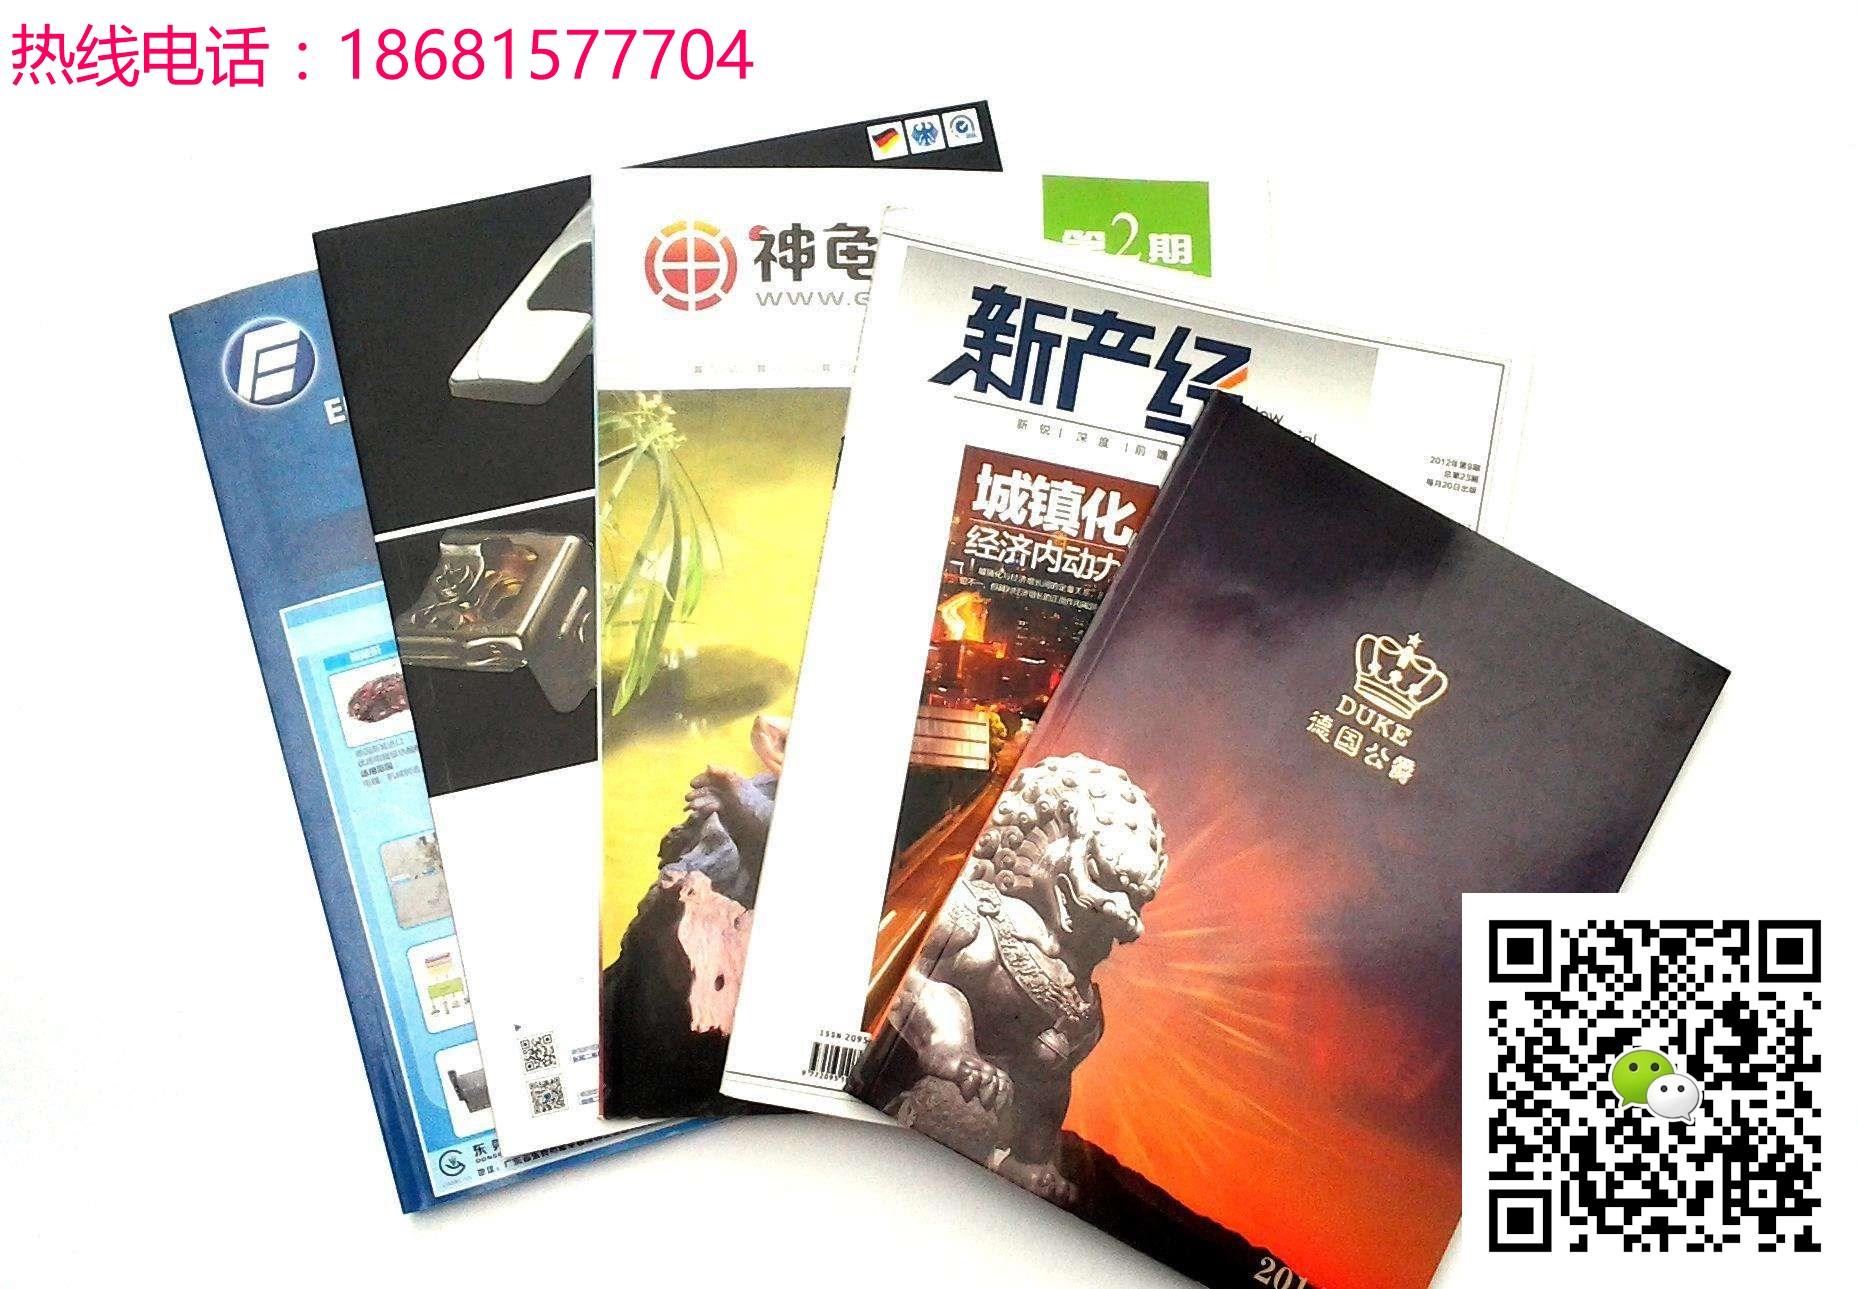 广告宣传册印刷厂家设计合理_深圳市中洲国投实业有限公司